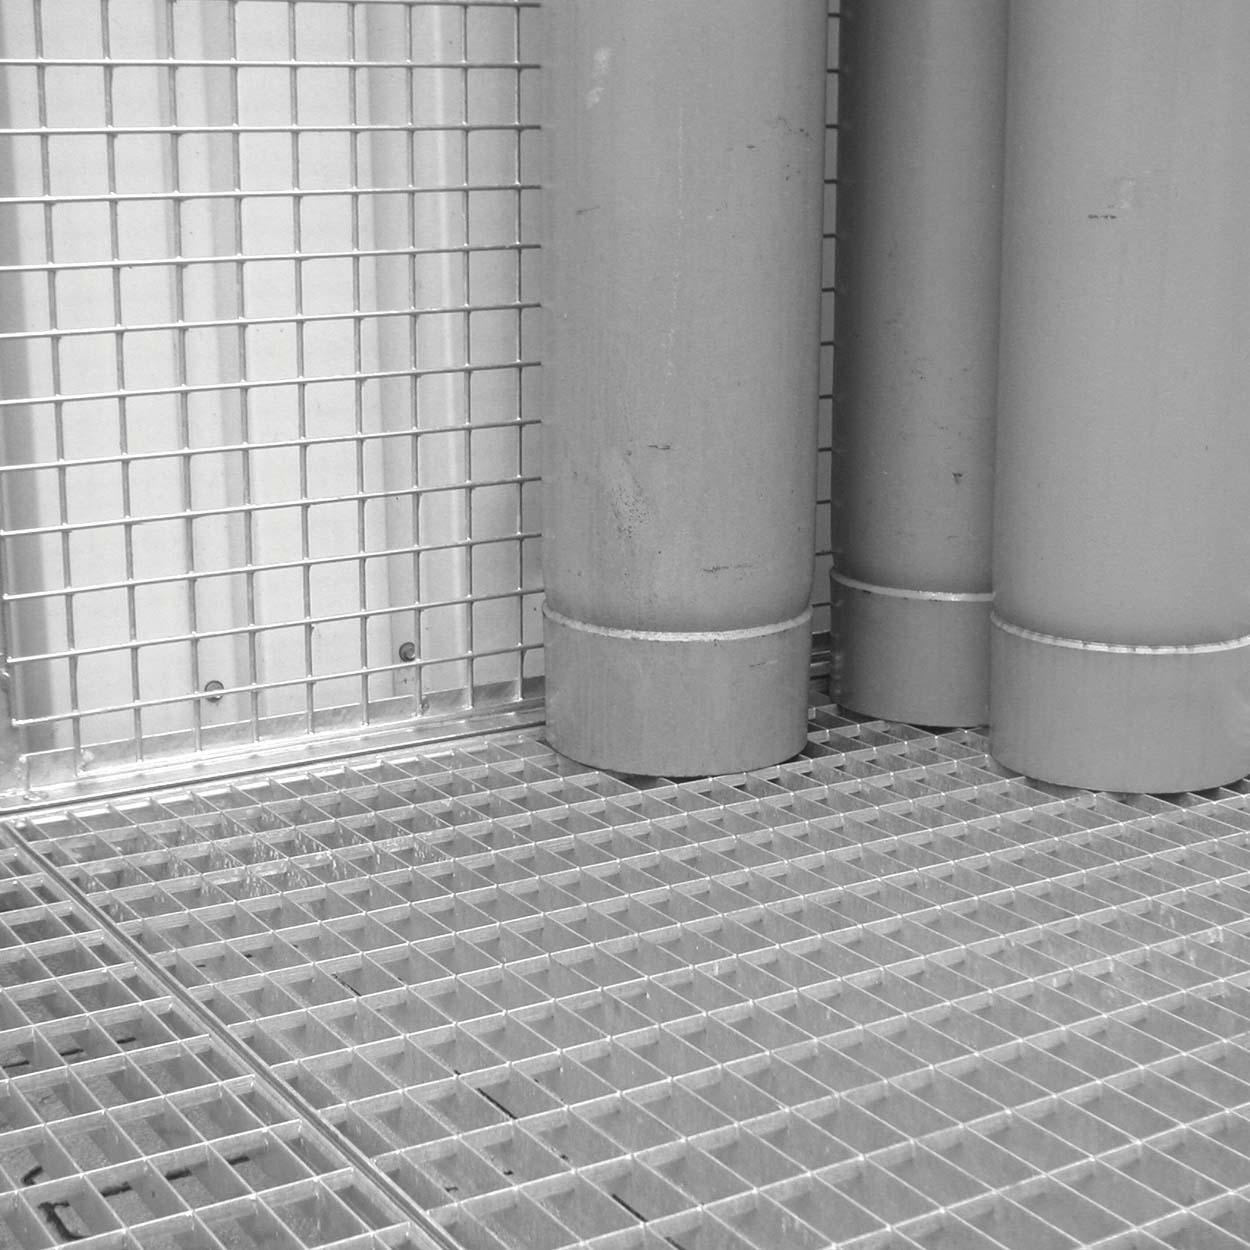 Rošt pro klece pro skladování tlakových lahví bez podlahy